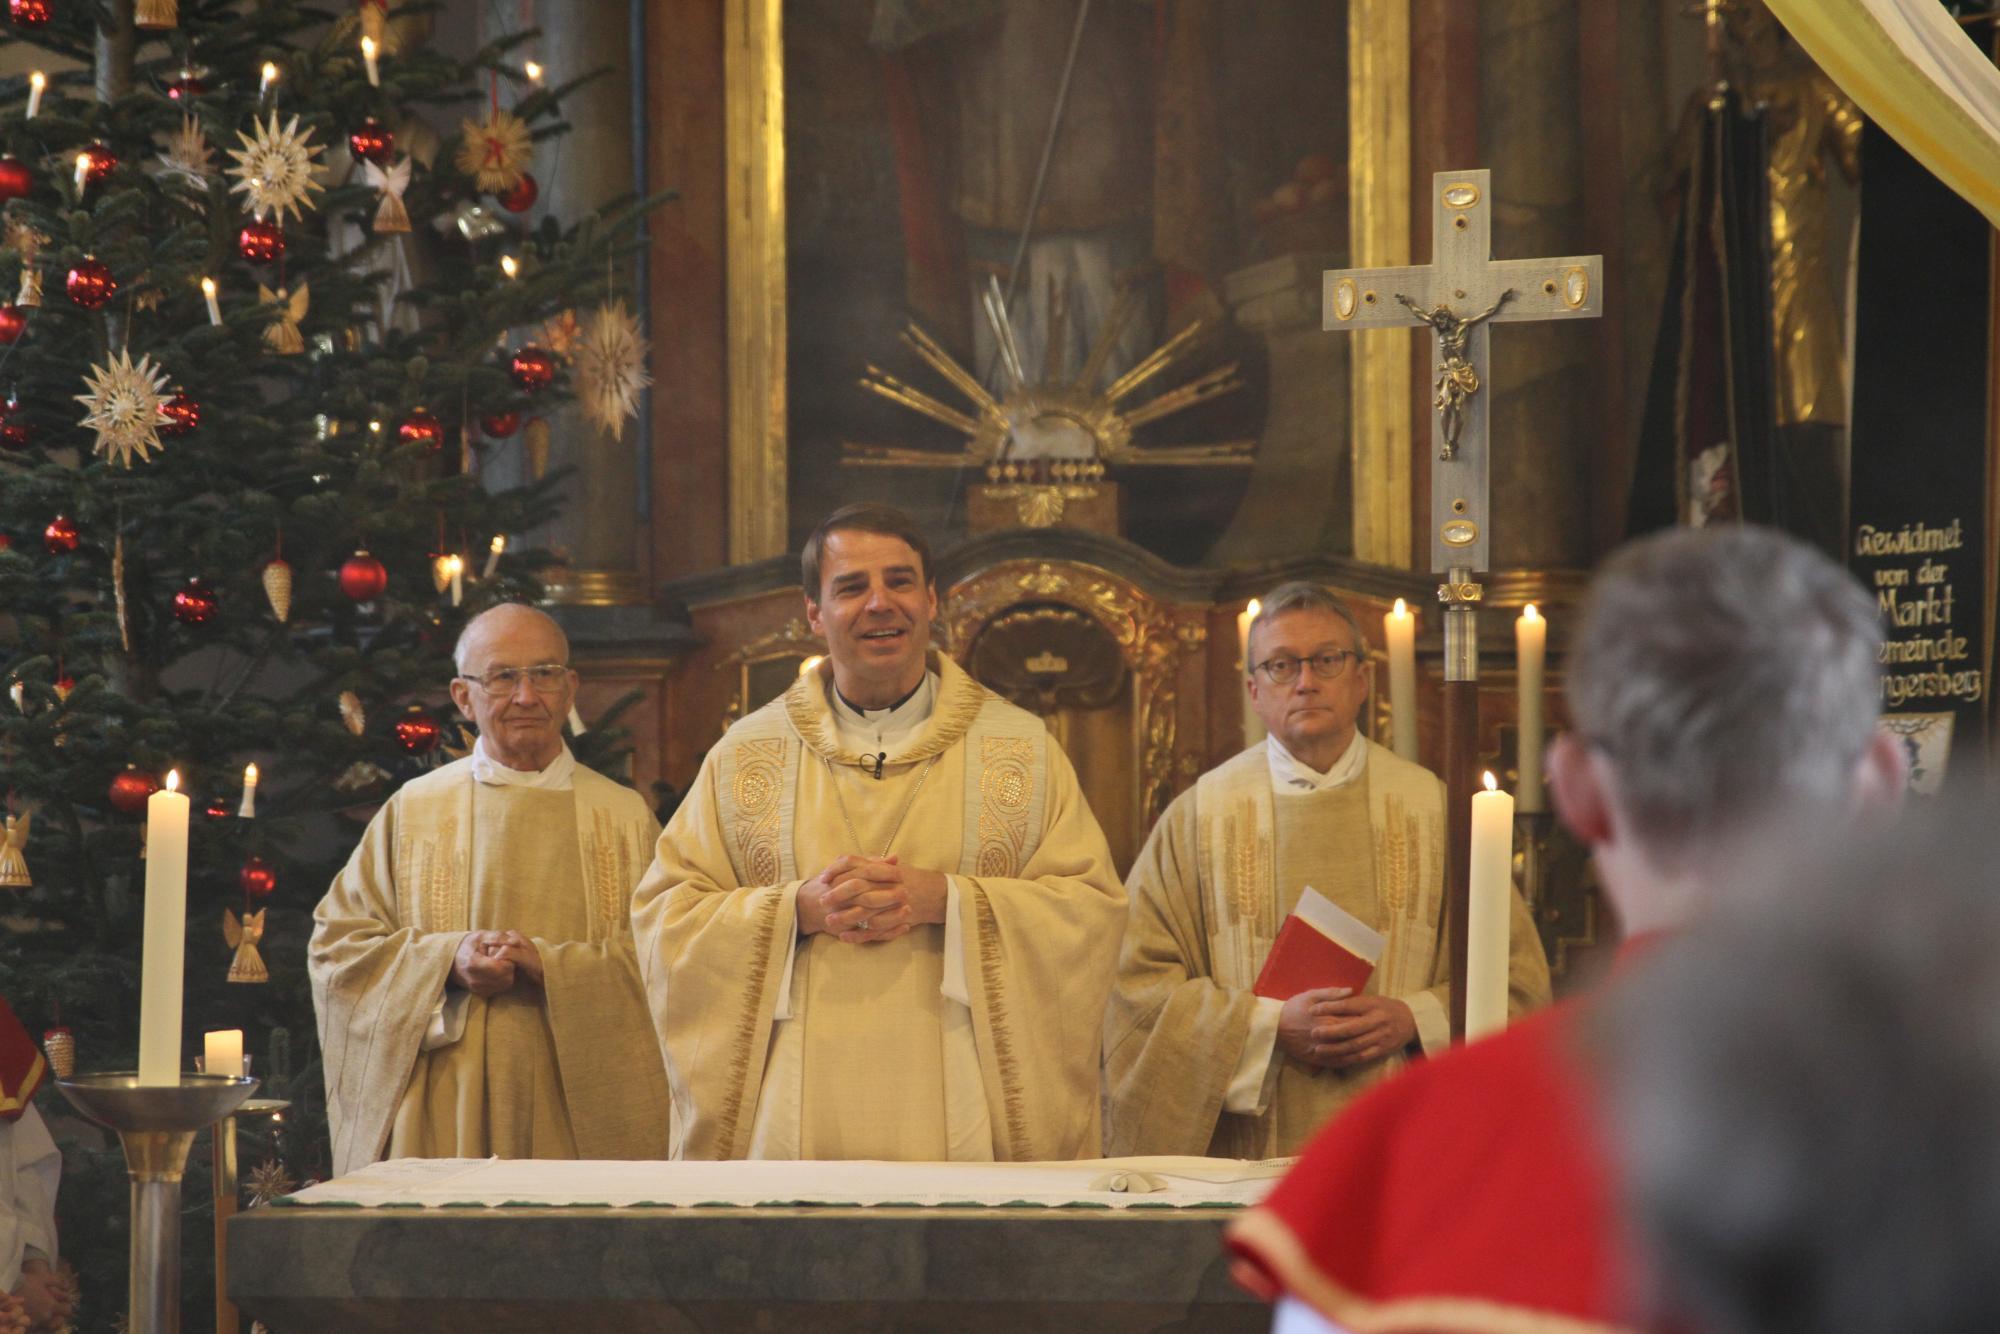 01 2019 125 Jahre Frohnstetten Bischof Oster 6811